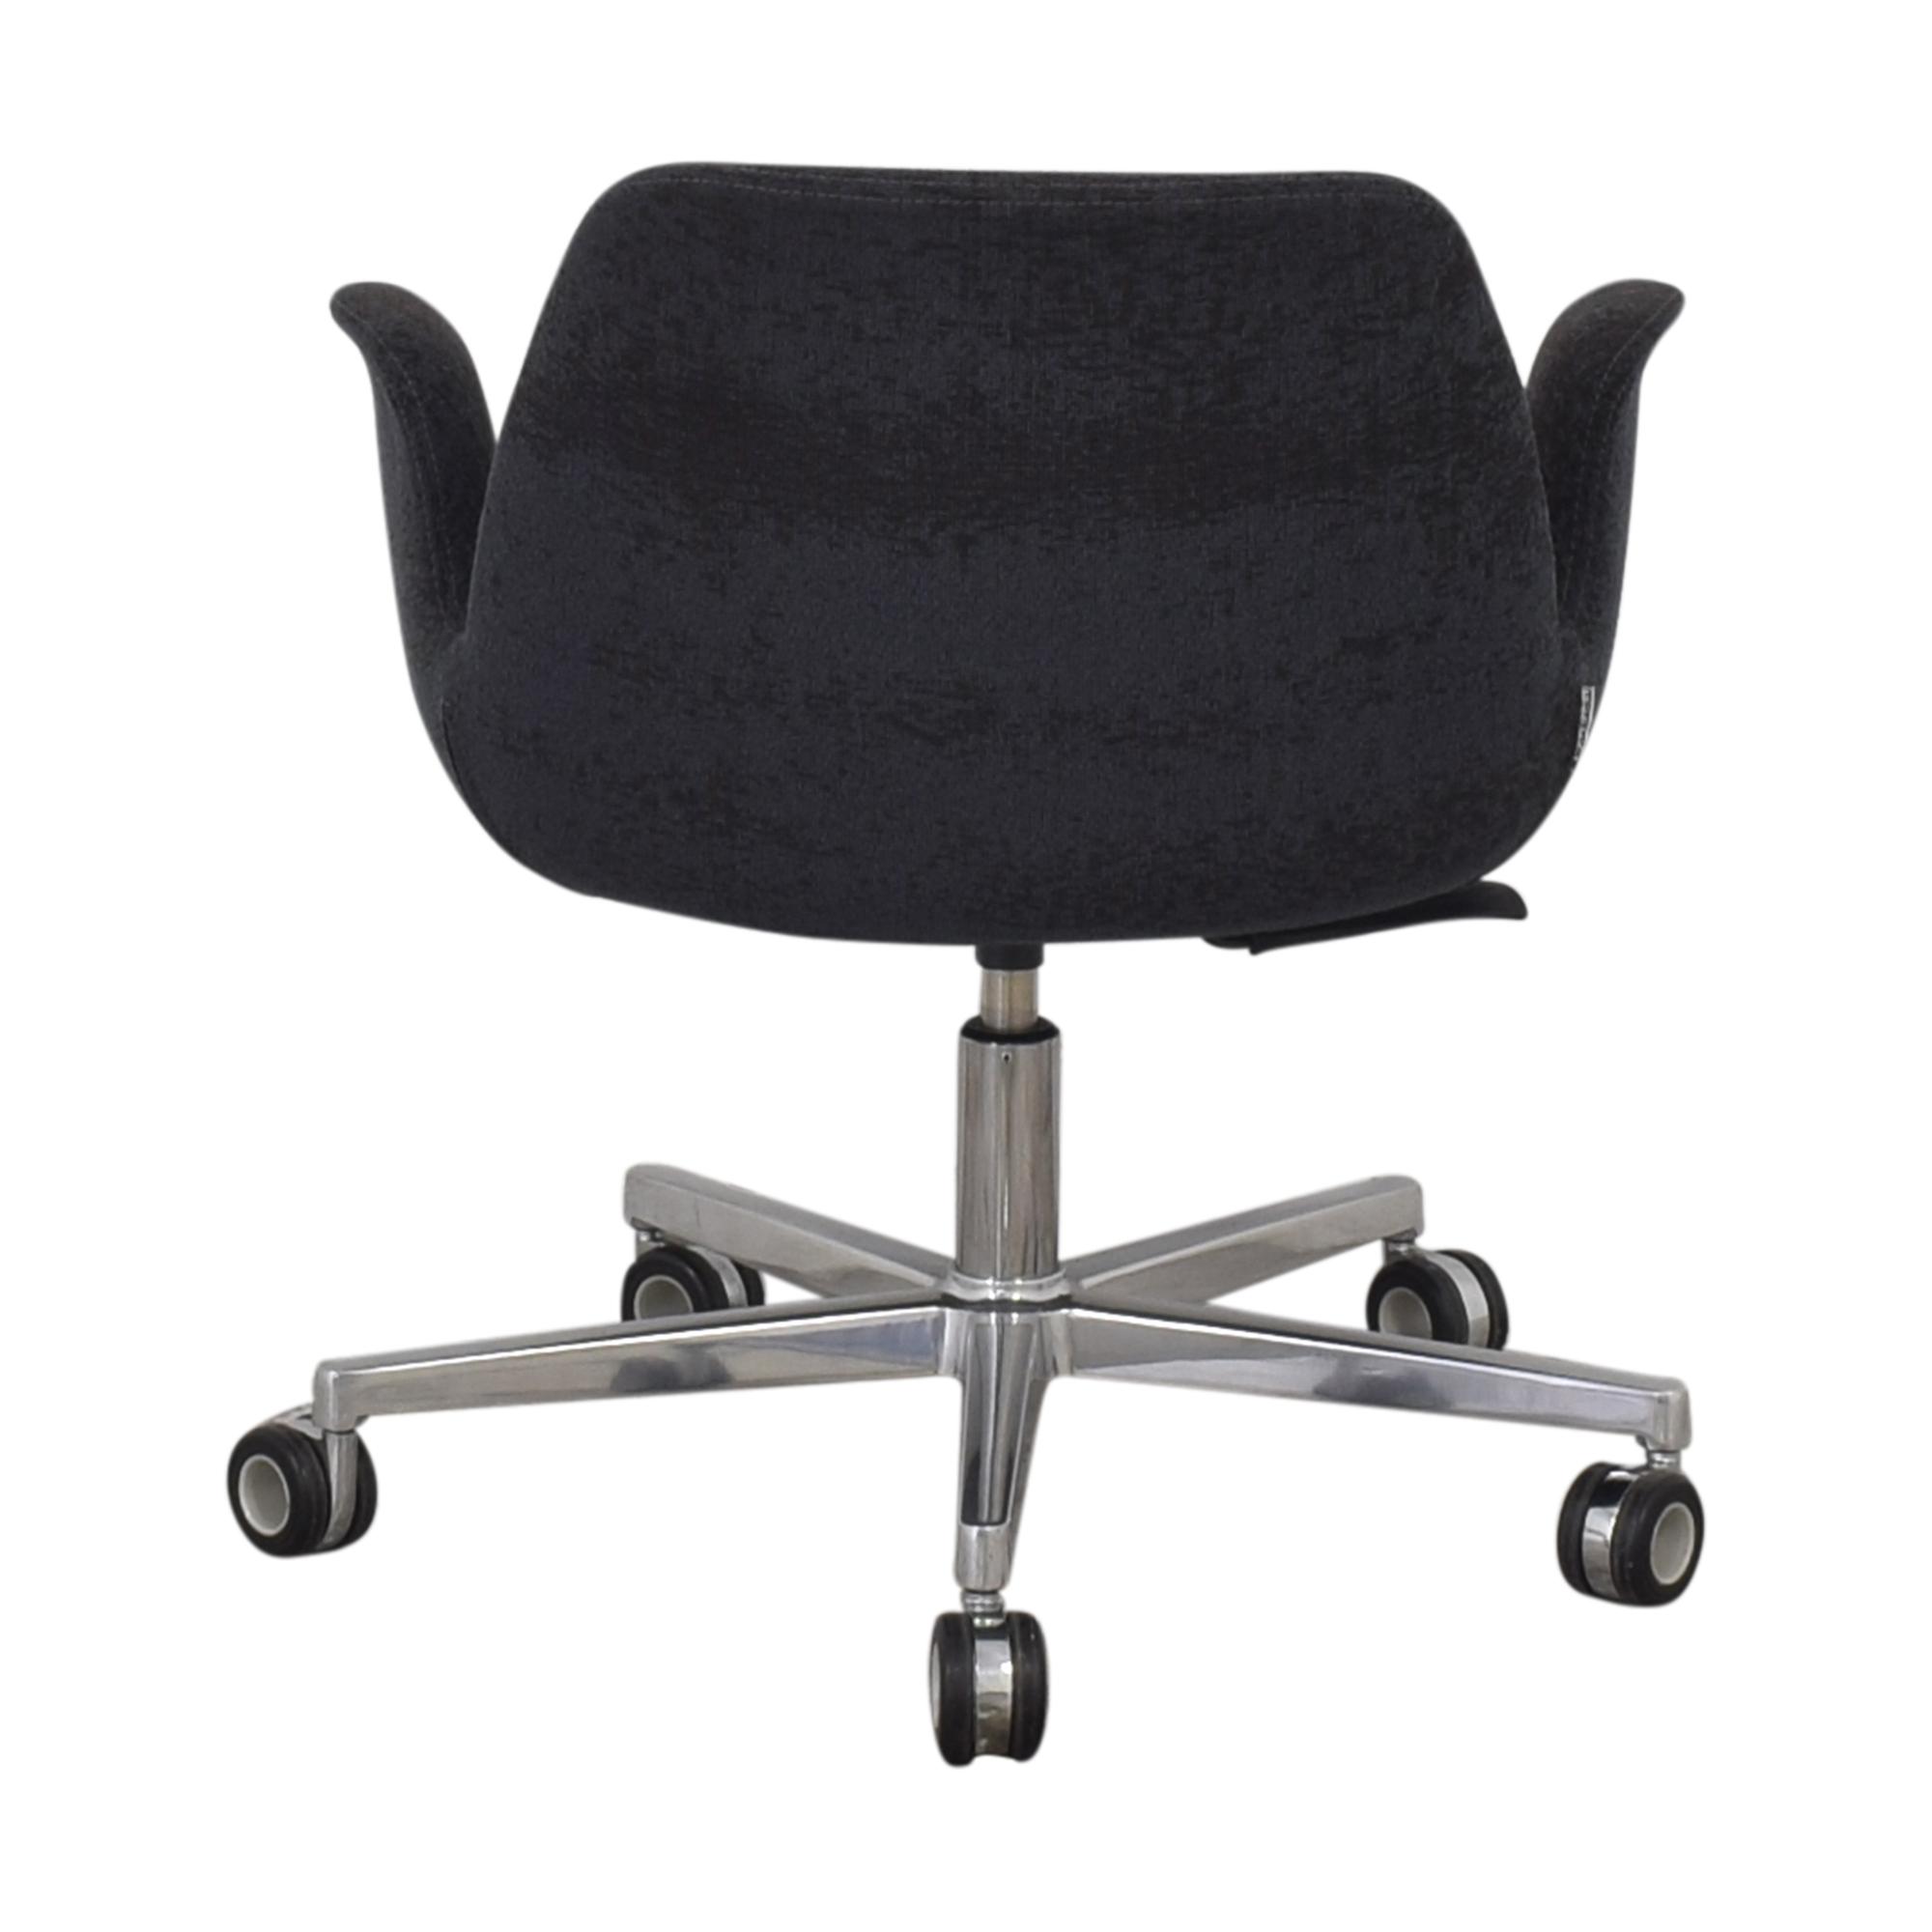 buy Koleksiyon Halia Operator Chair Koleksiyon Home Office Chairs